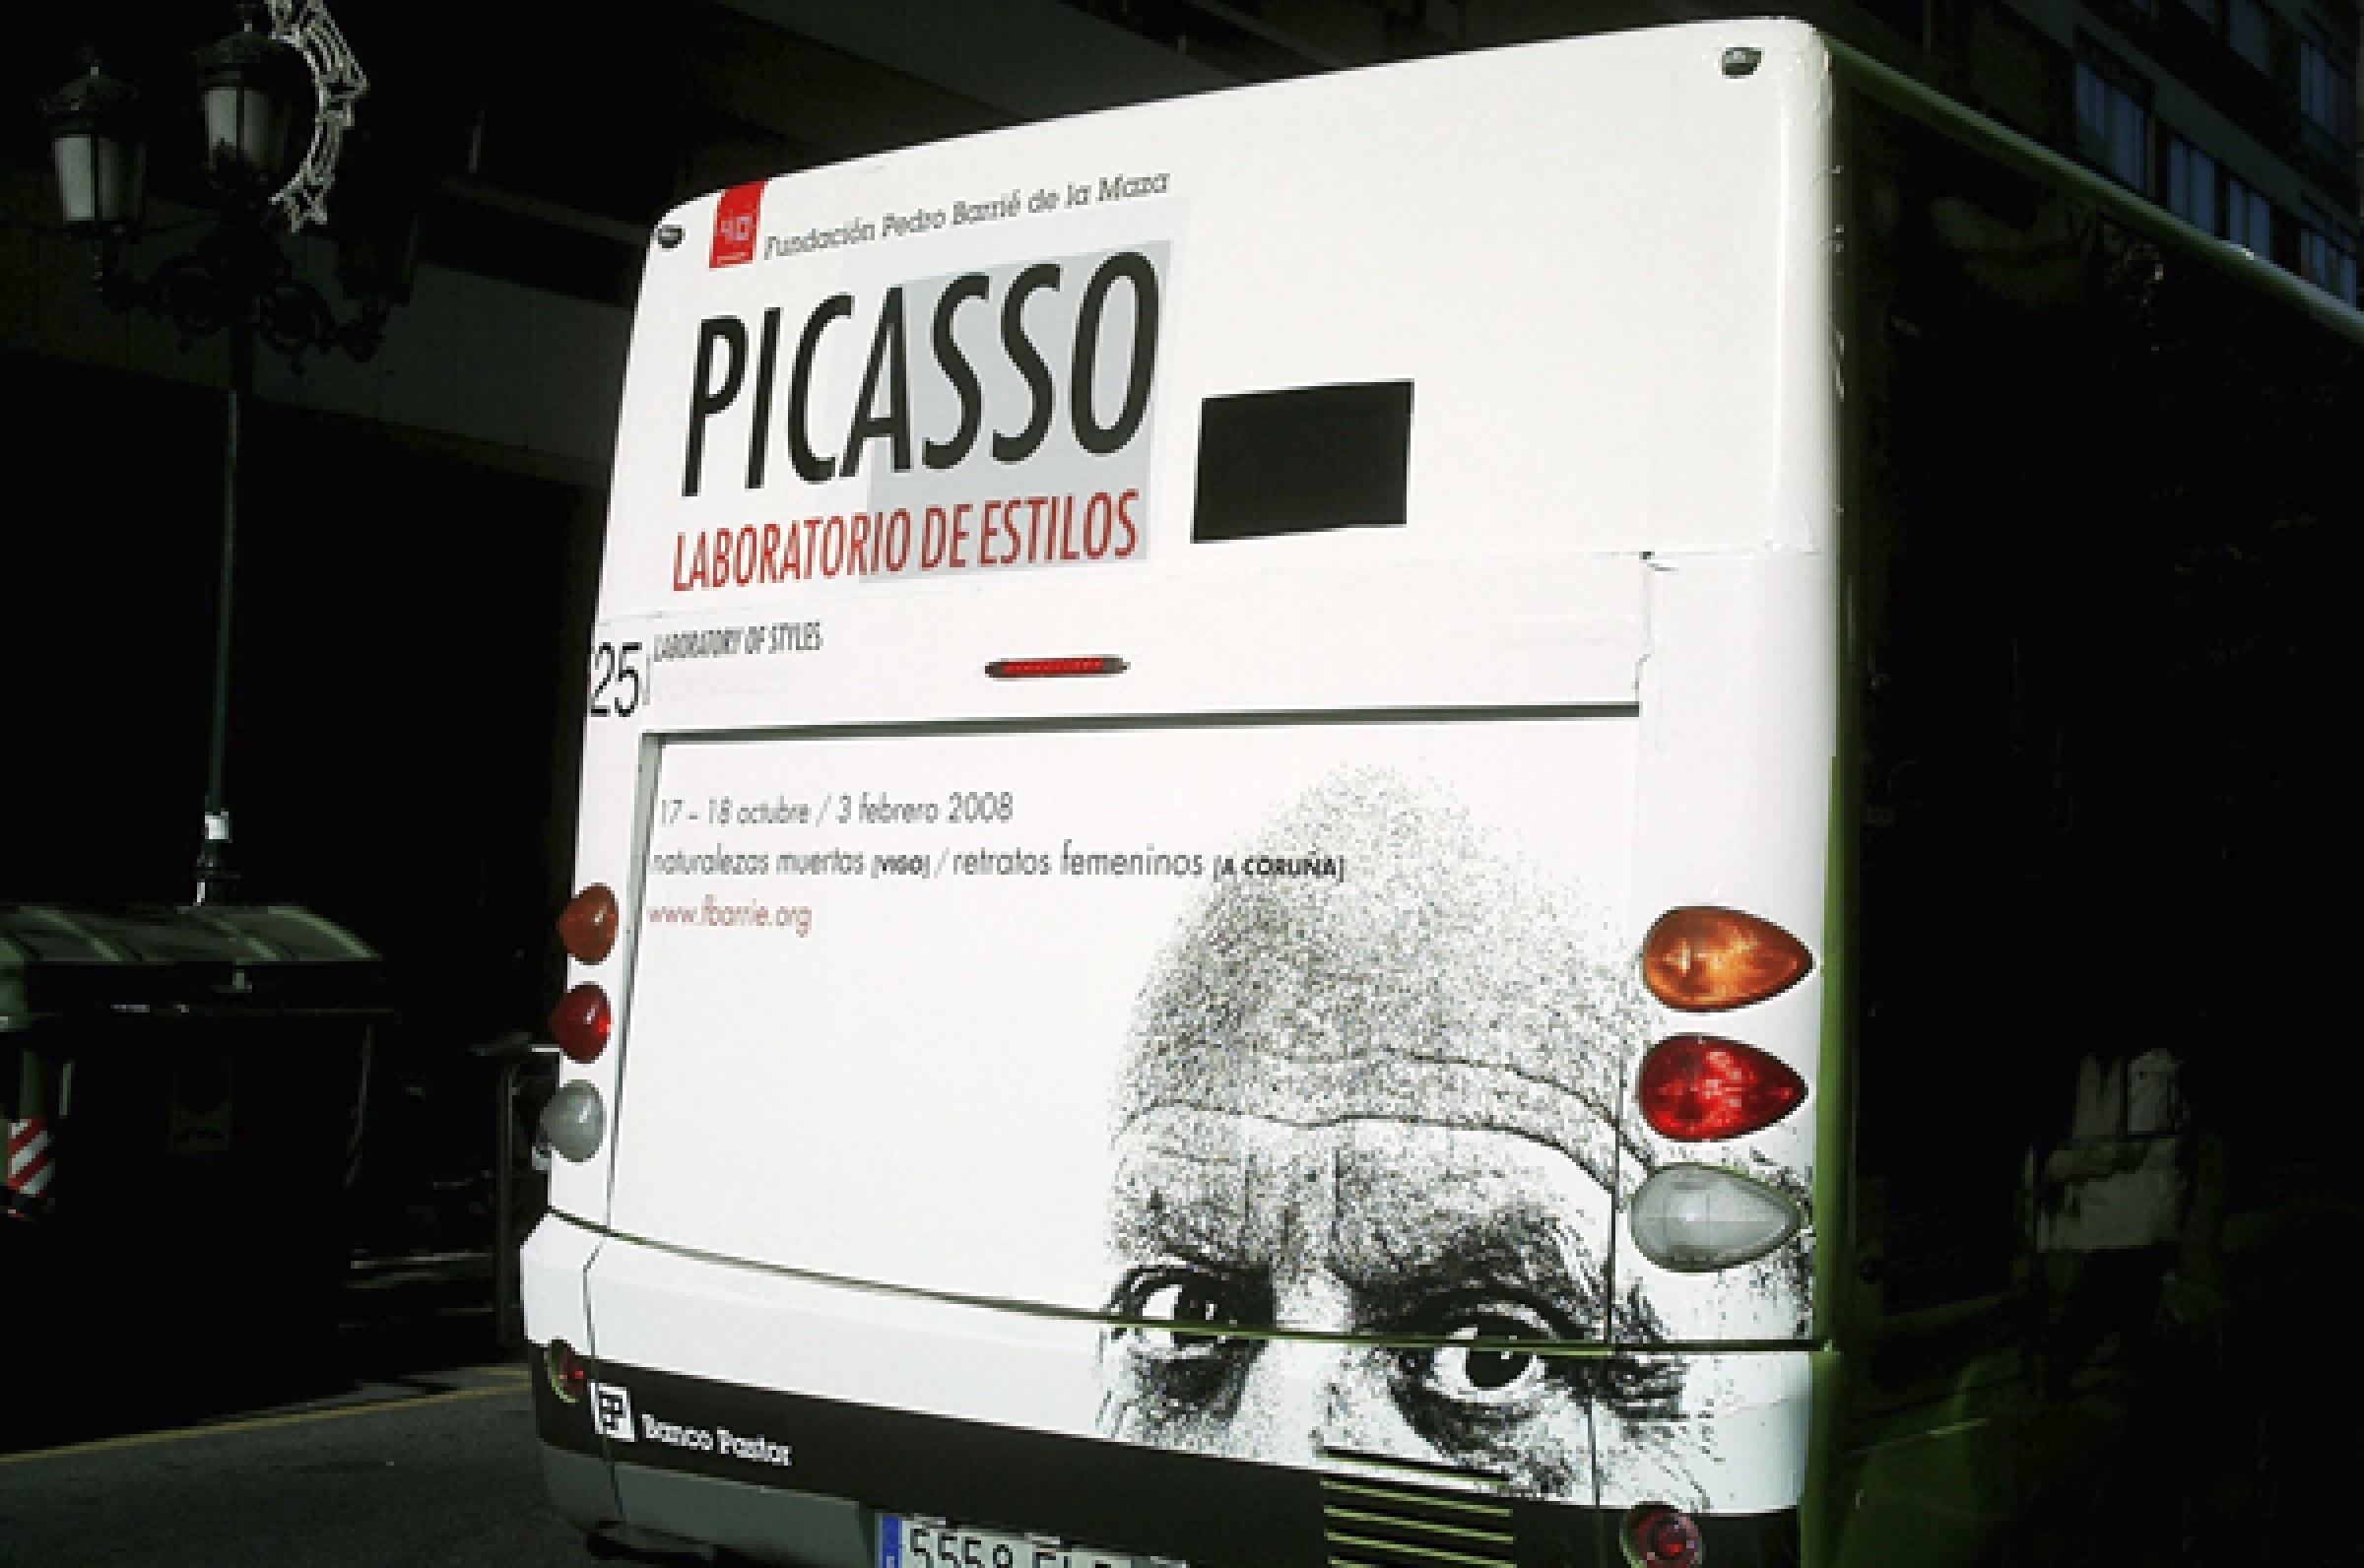 Picasso. Laboratorio de estilos